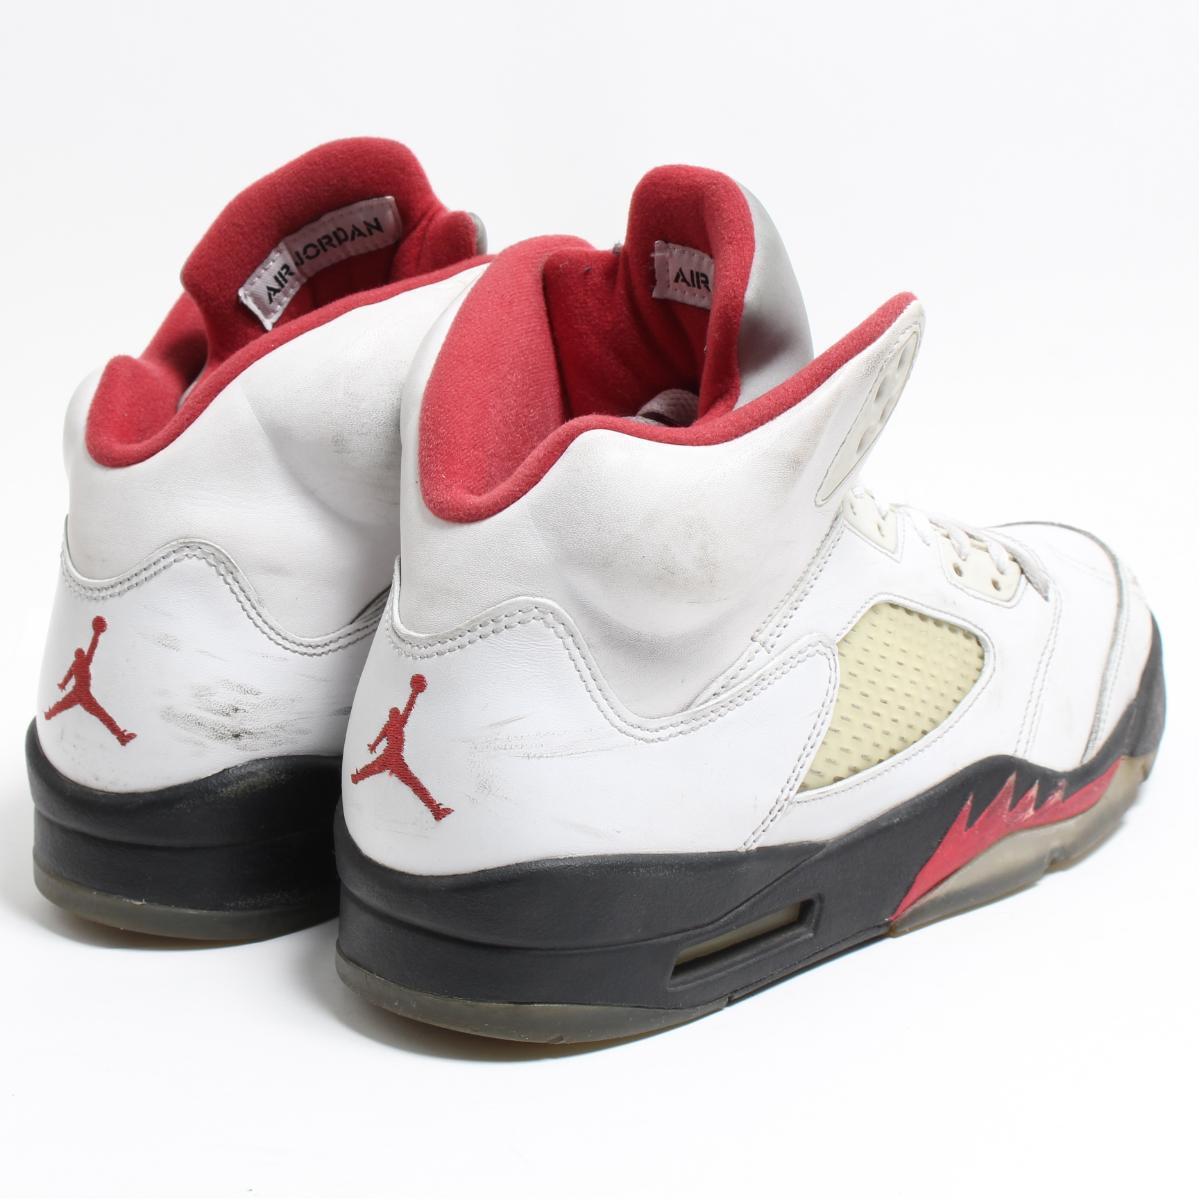 d532b7e060d1 VINTAGE CLOTHING JAM  Nike NIKE AIR JORDAN 5 RETRO sneakers US10 men ...